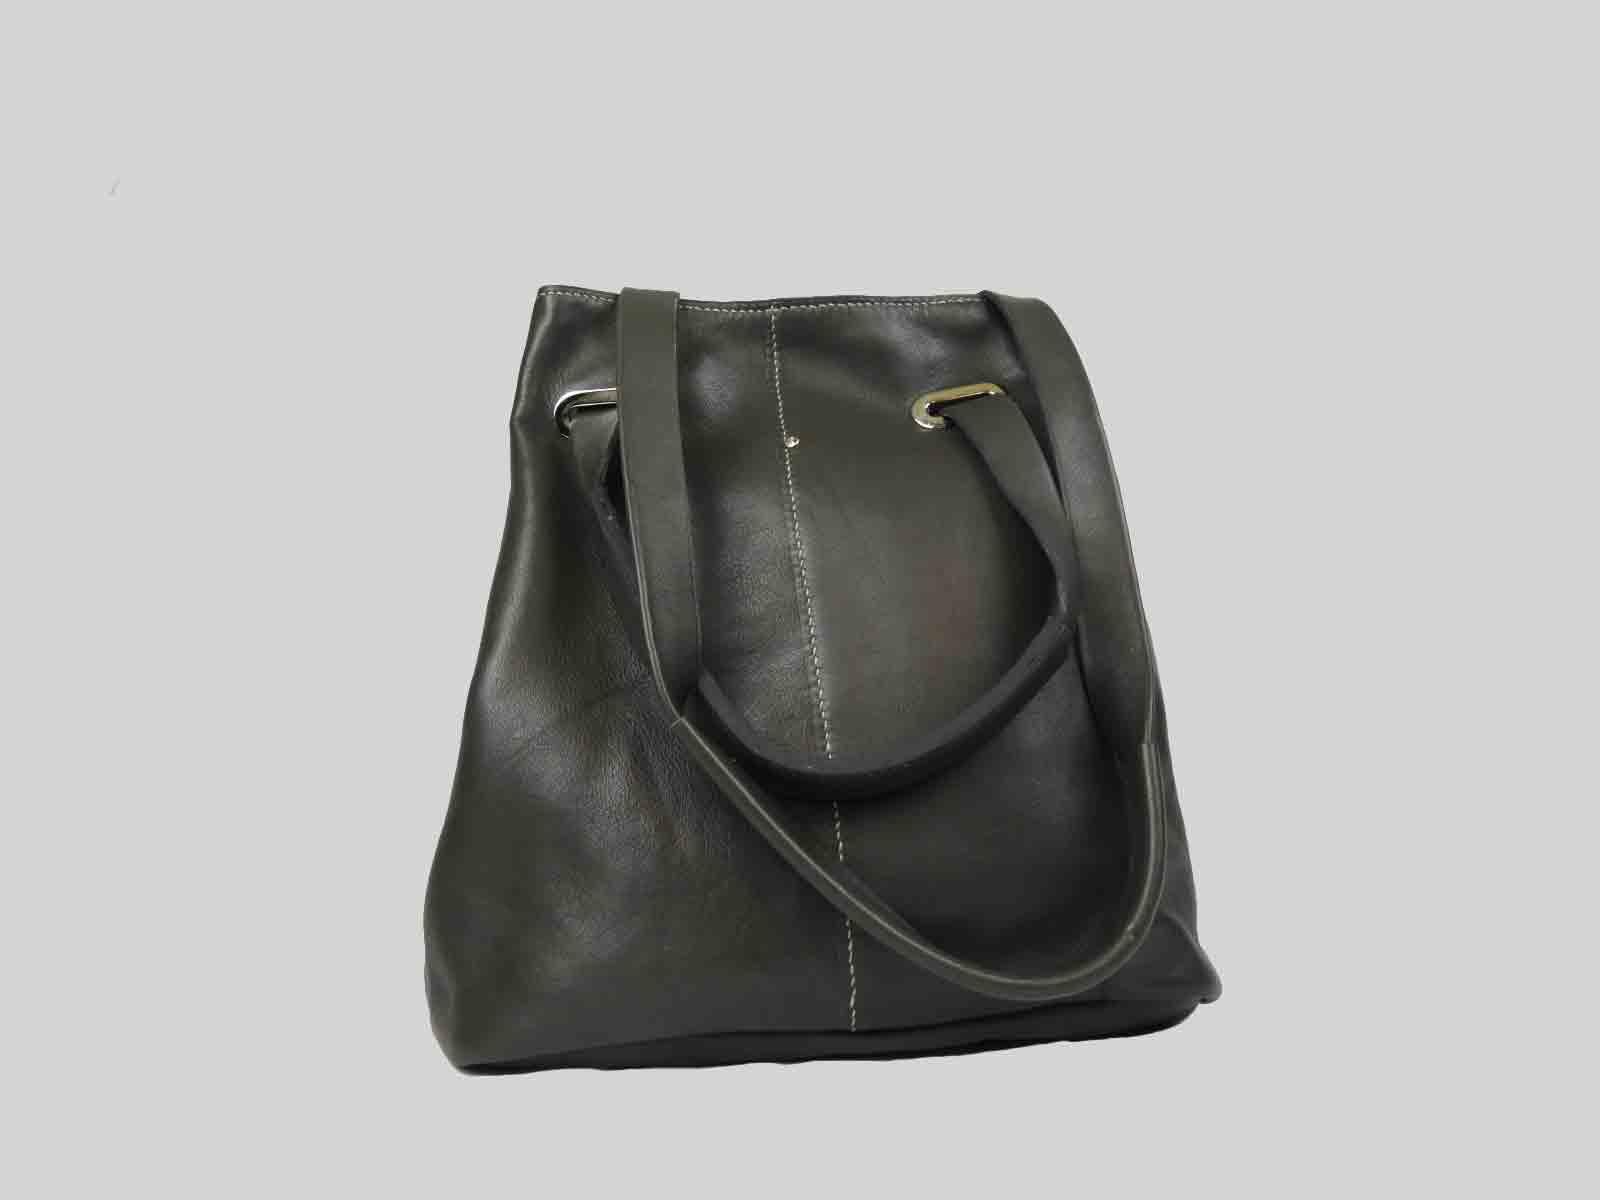 KORO sac porté épaule ou croisé en cuir de veau taupe